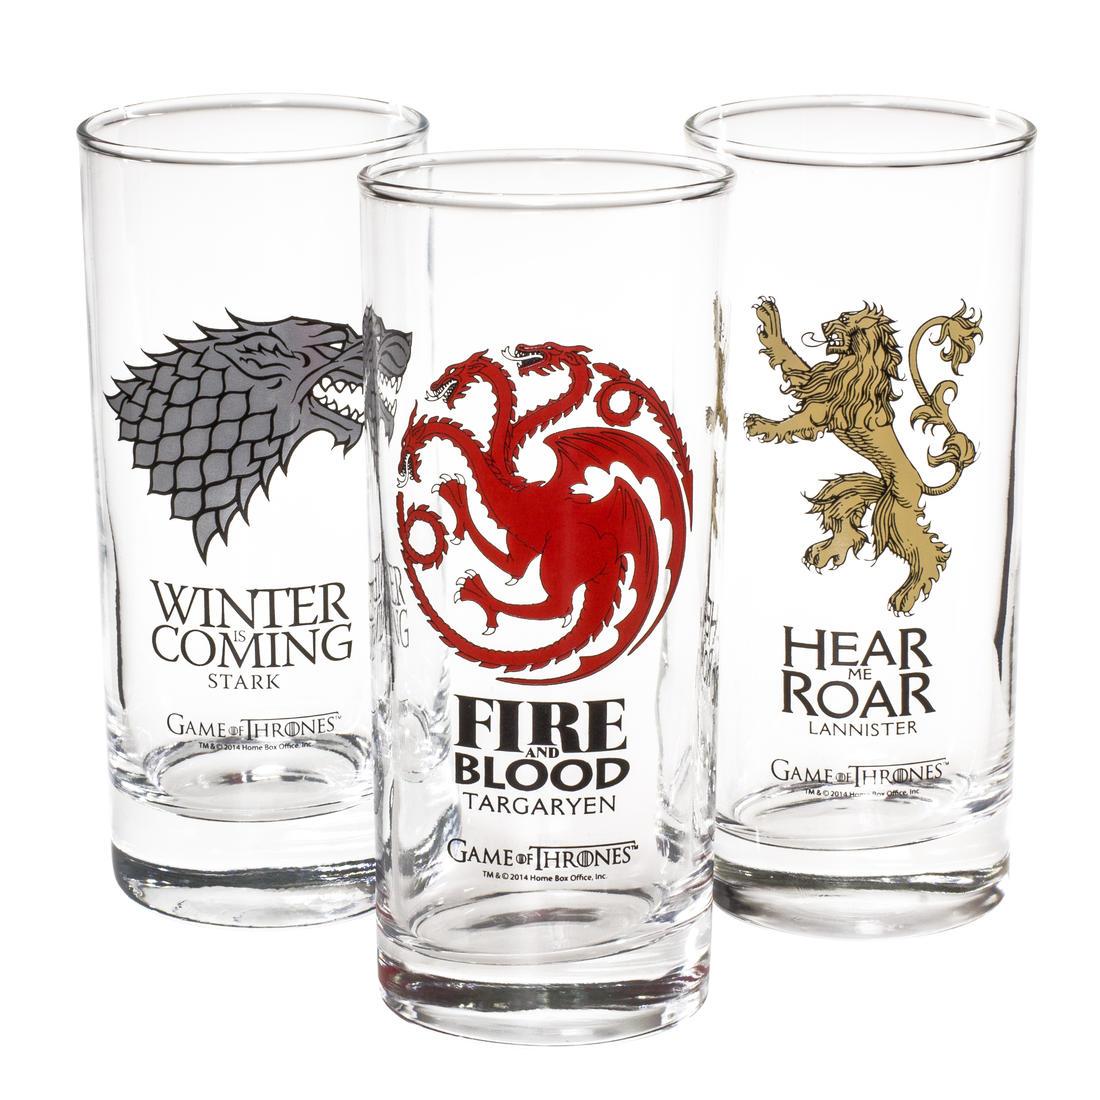 Set de verres Game of thrones